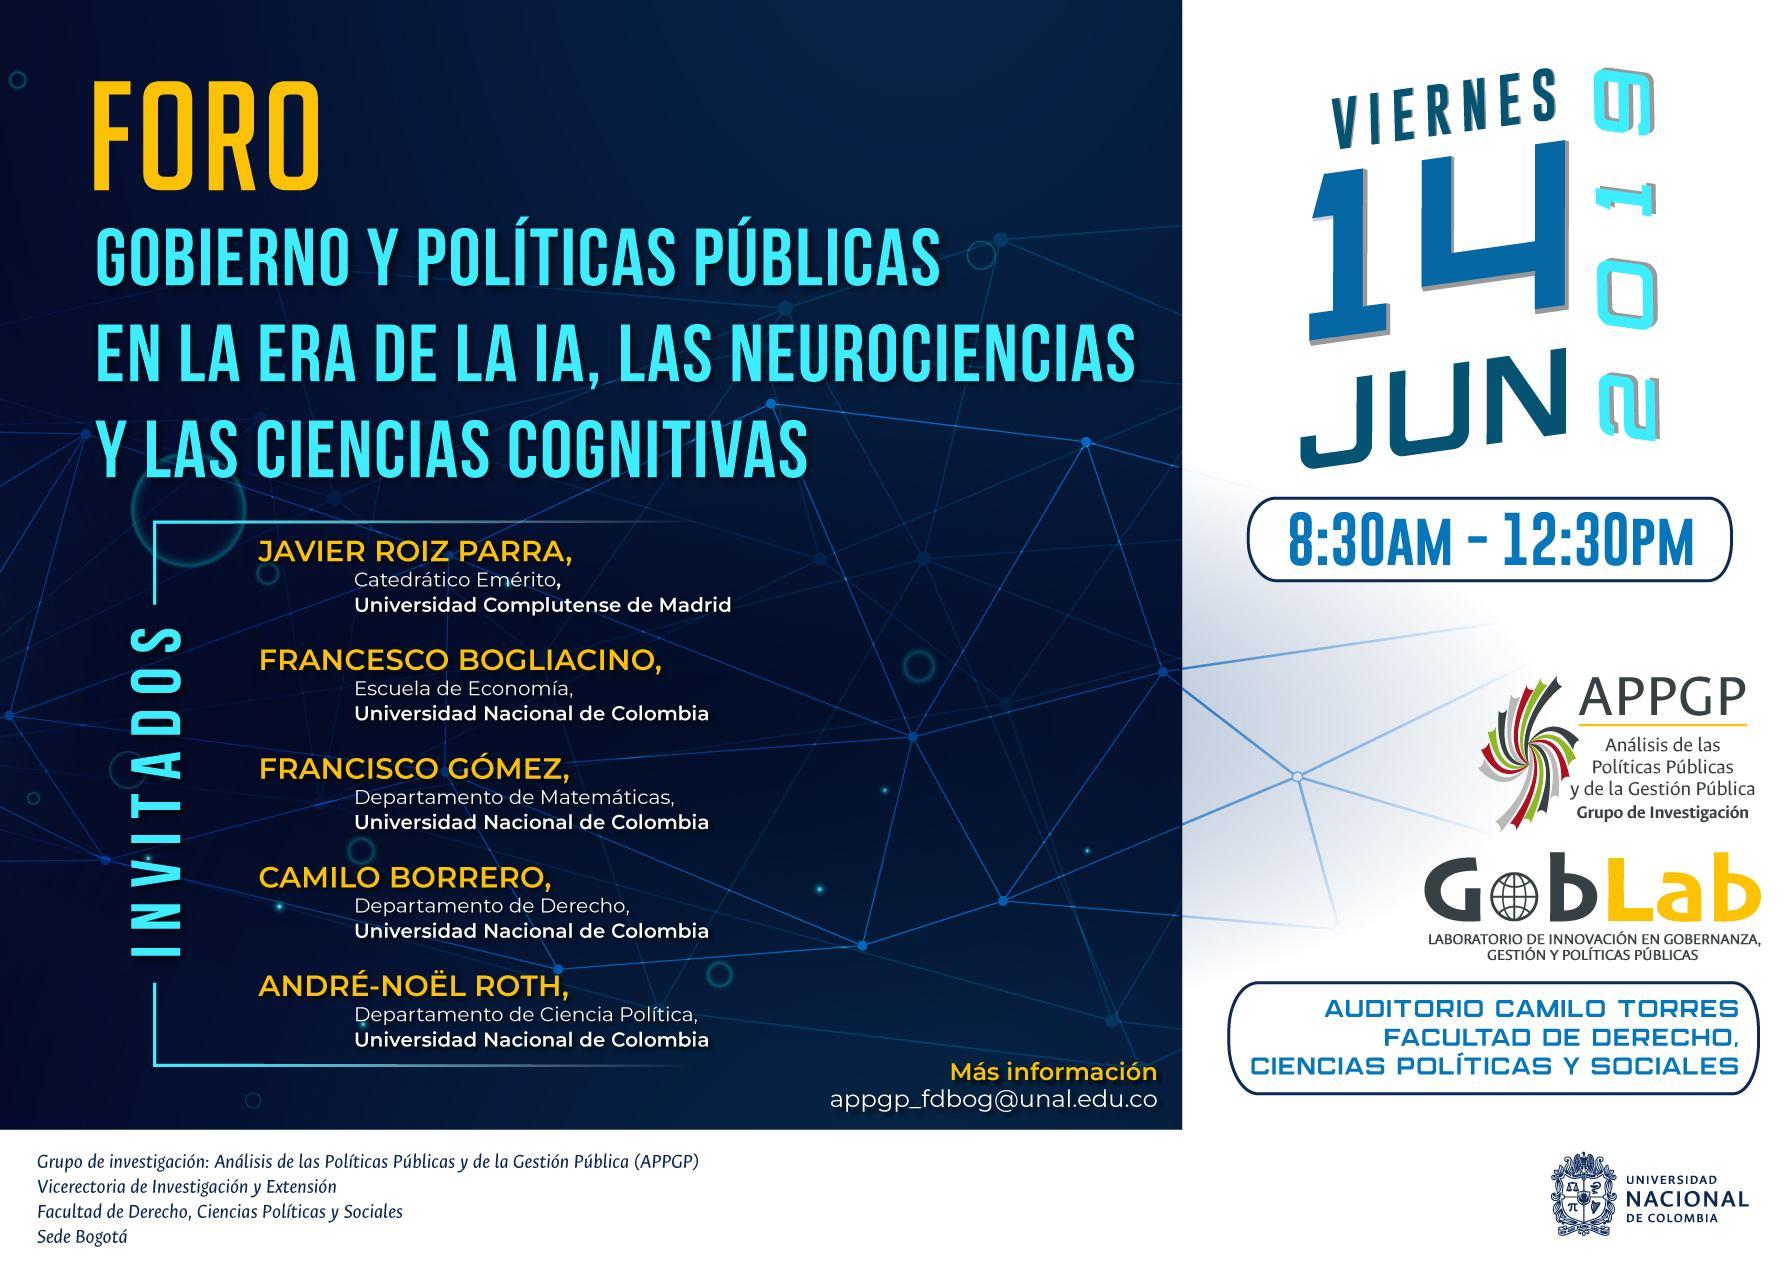 Foro «Gobierno y políticas públicas en la era de la inteligencia artificial, las neurociencias y las ciencias cognitivas»